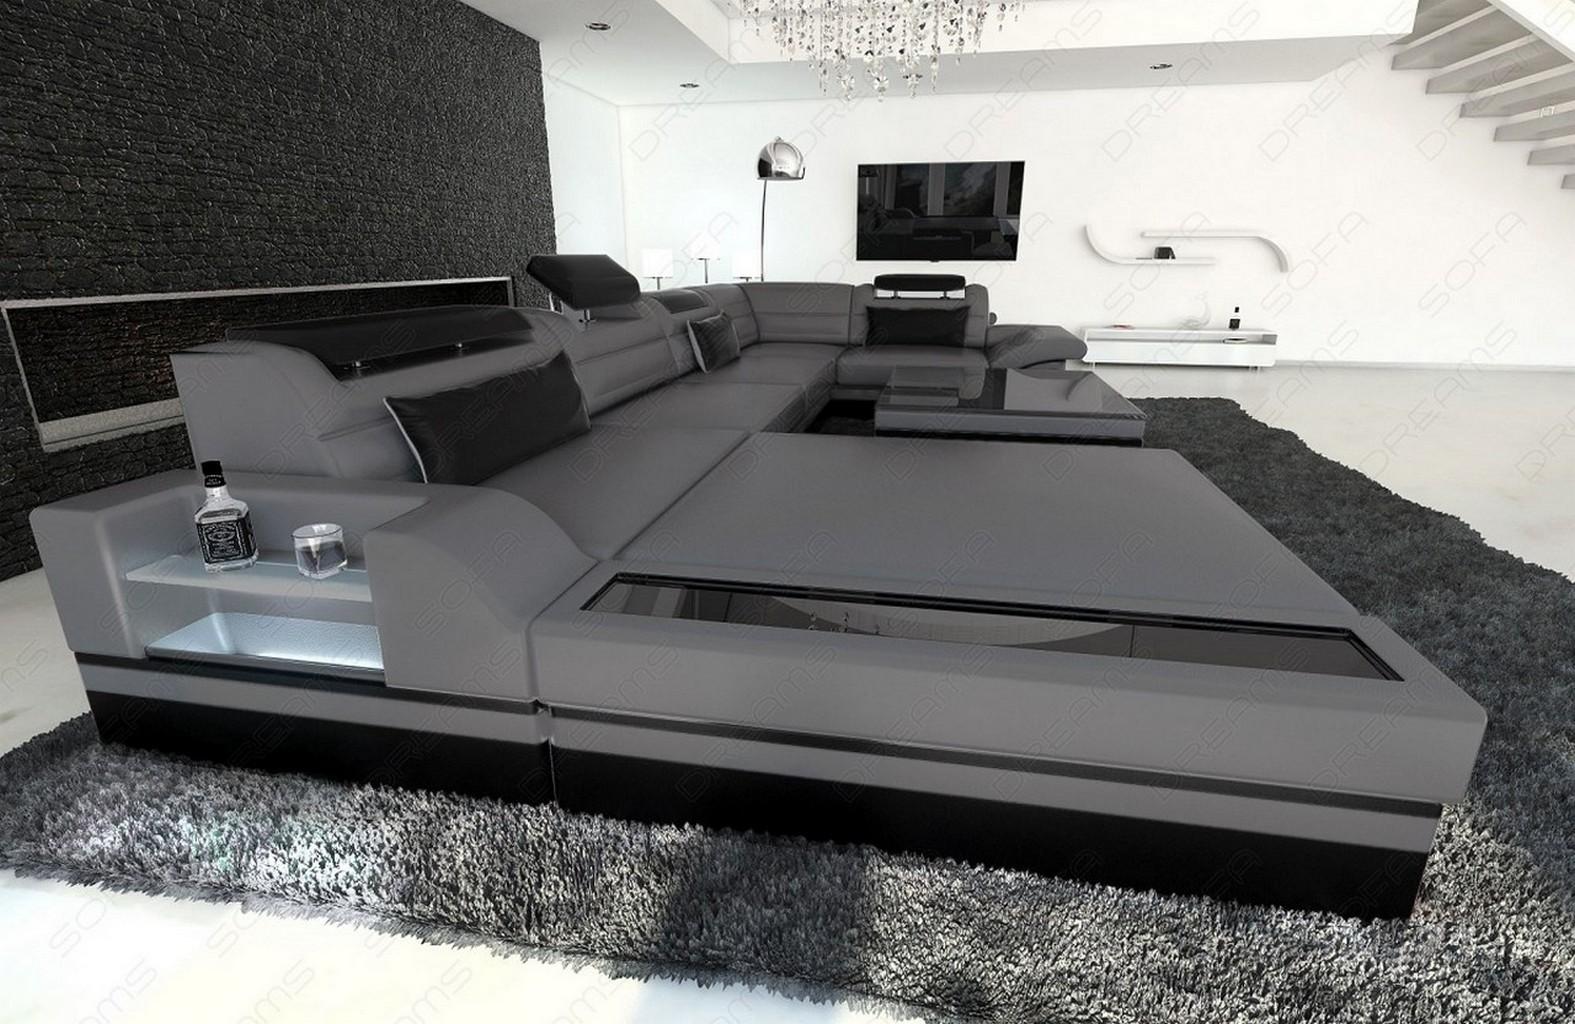 Designercouch Luxus Wohnlandschaft MEZZO mit LED grau schwarz   eBay